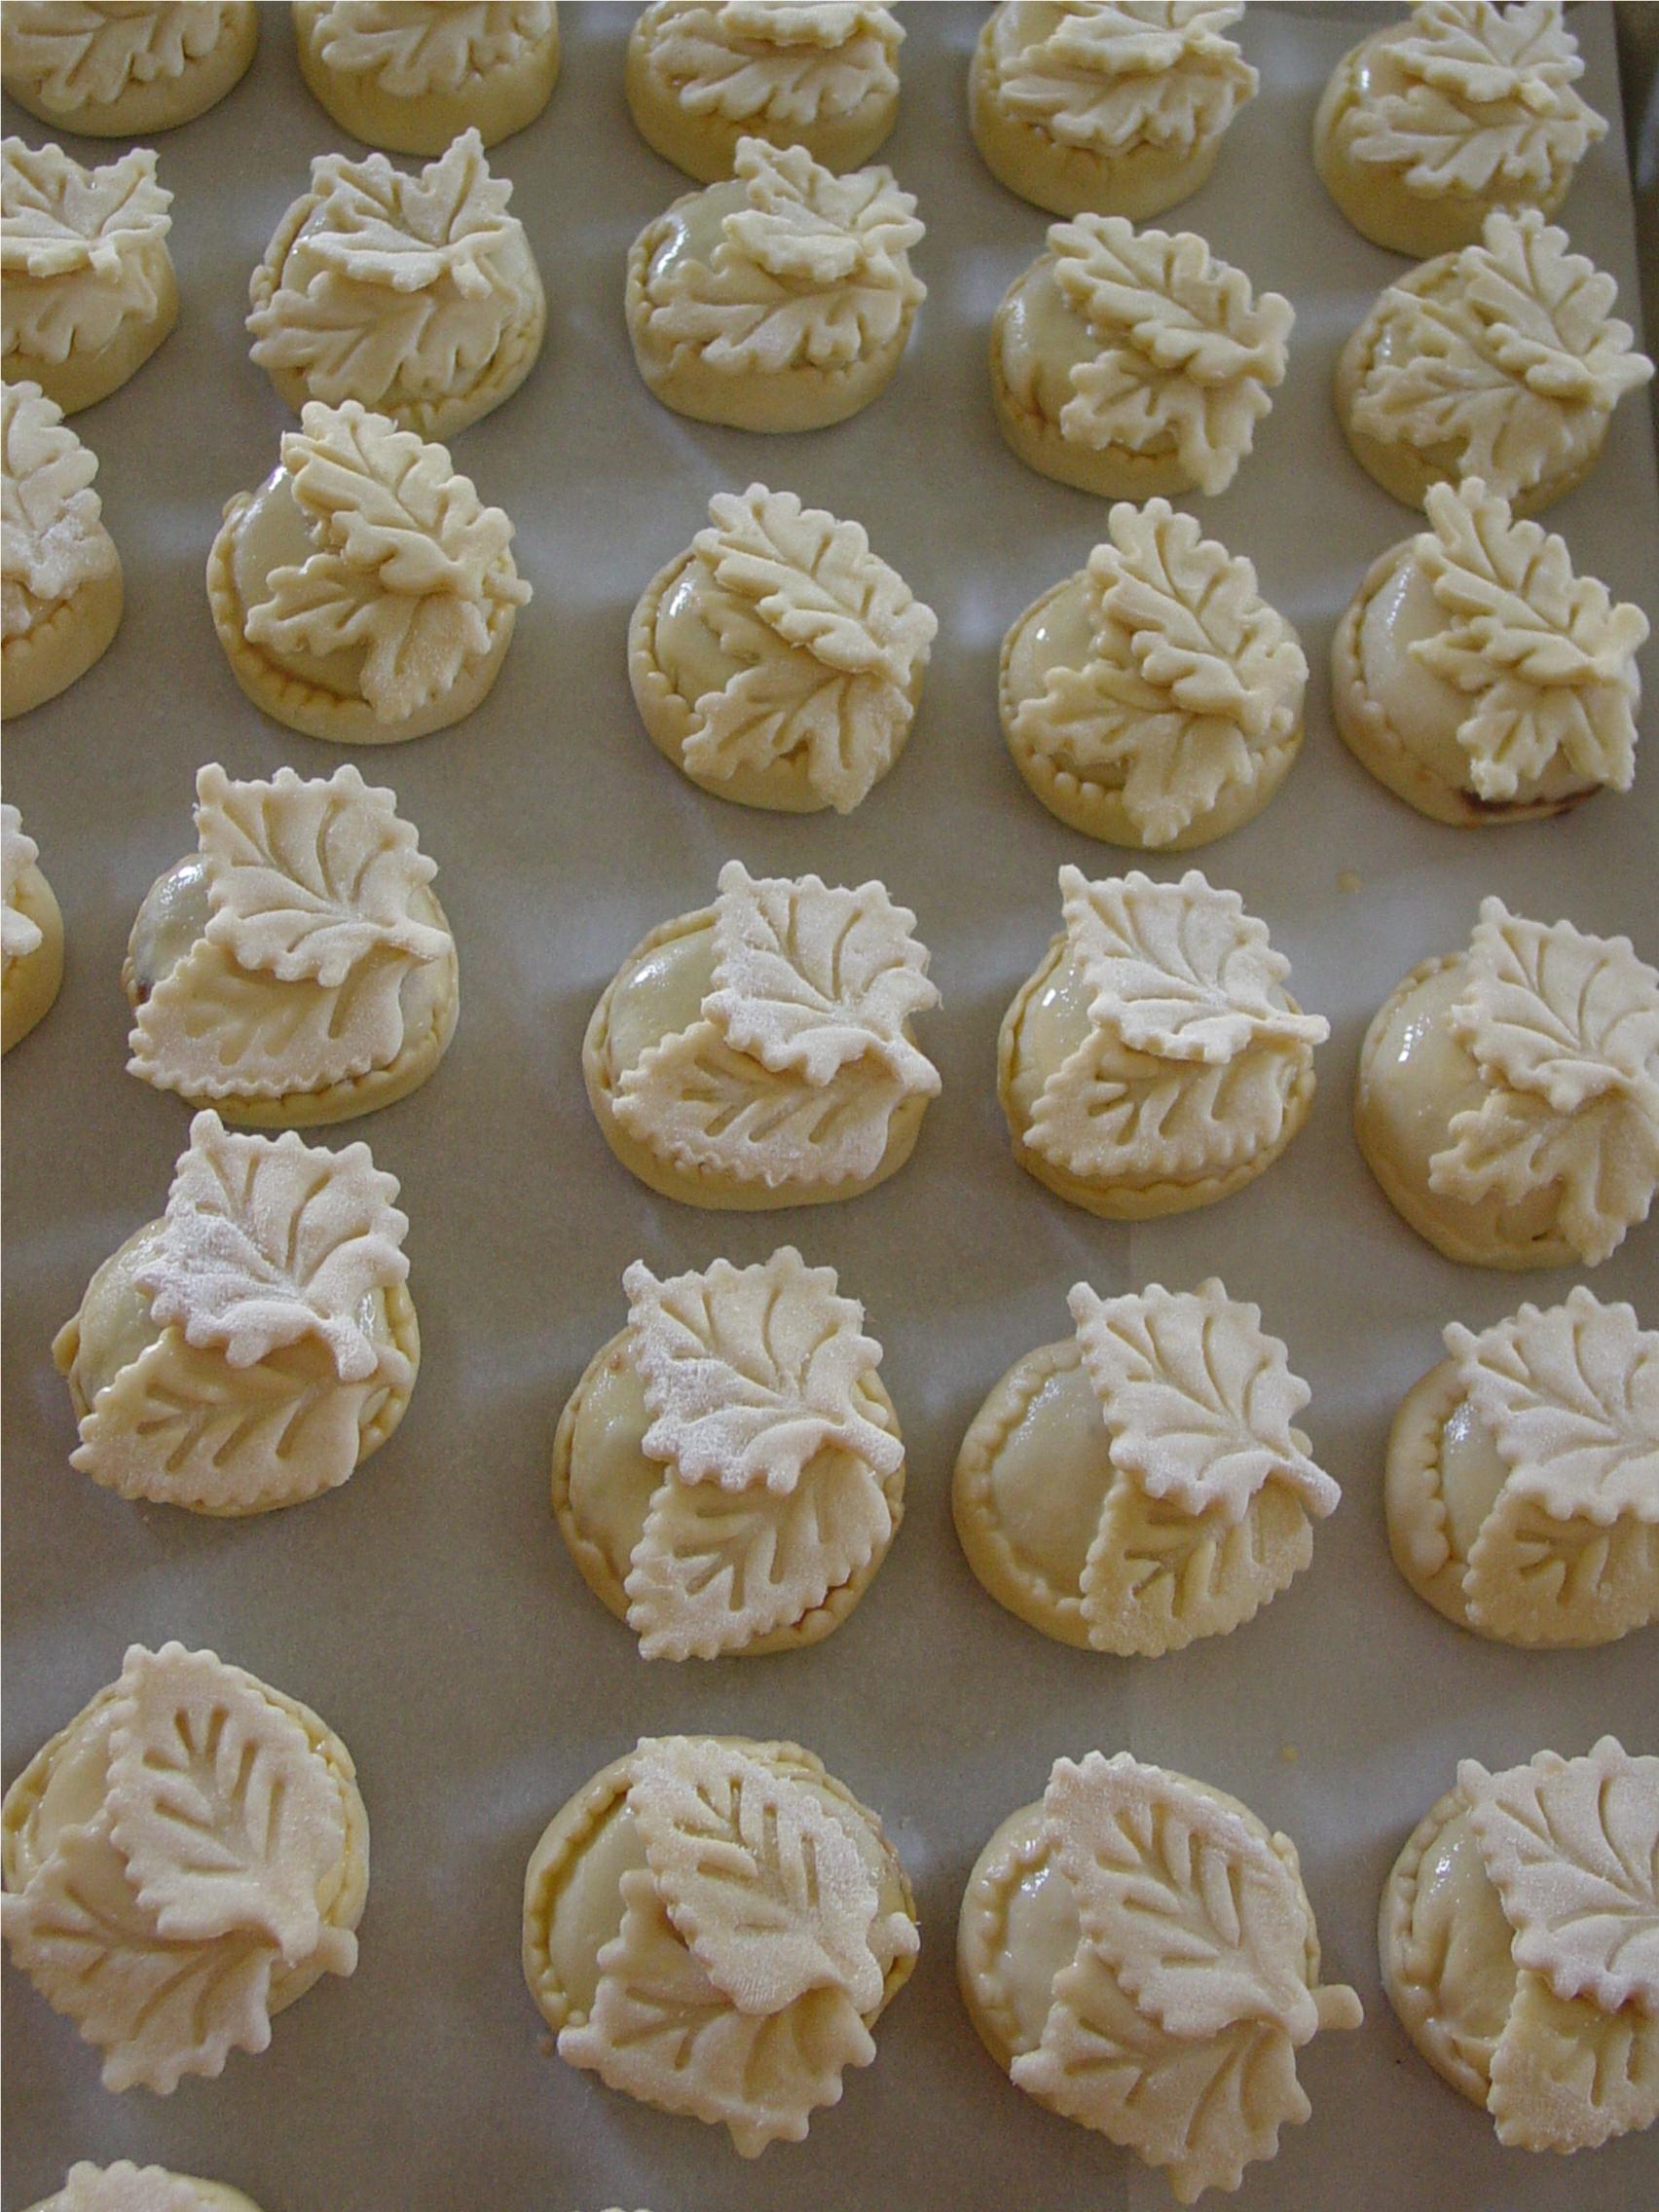 Miniature Brie en Croute